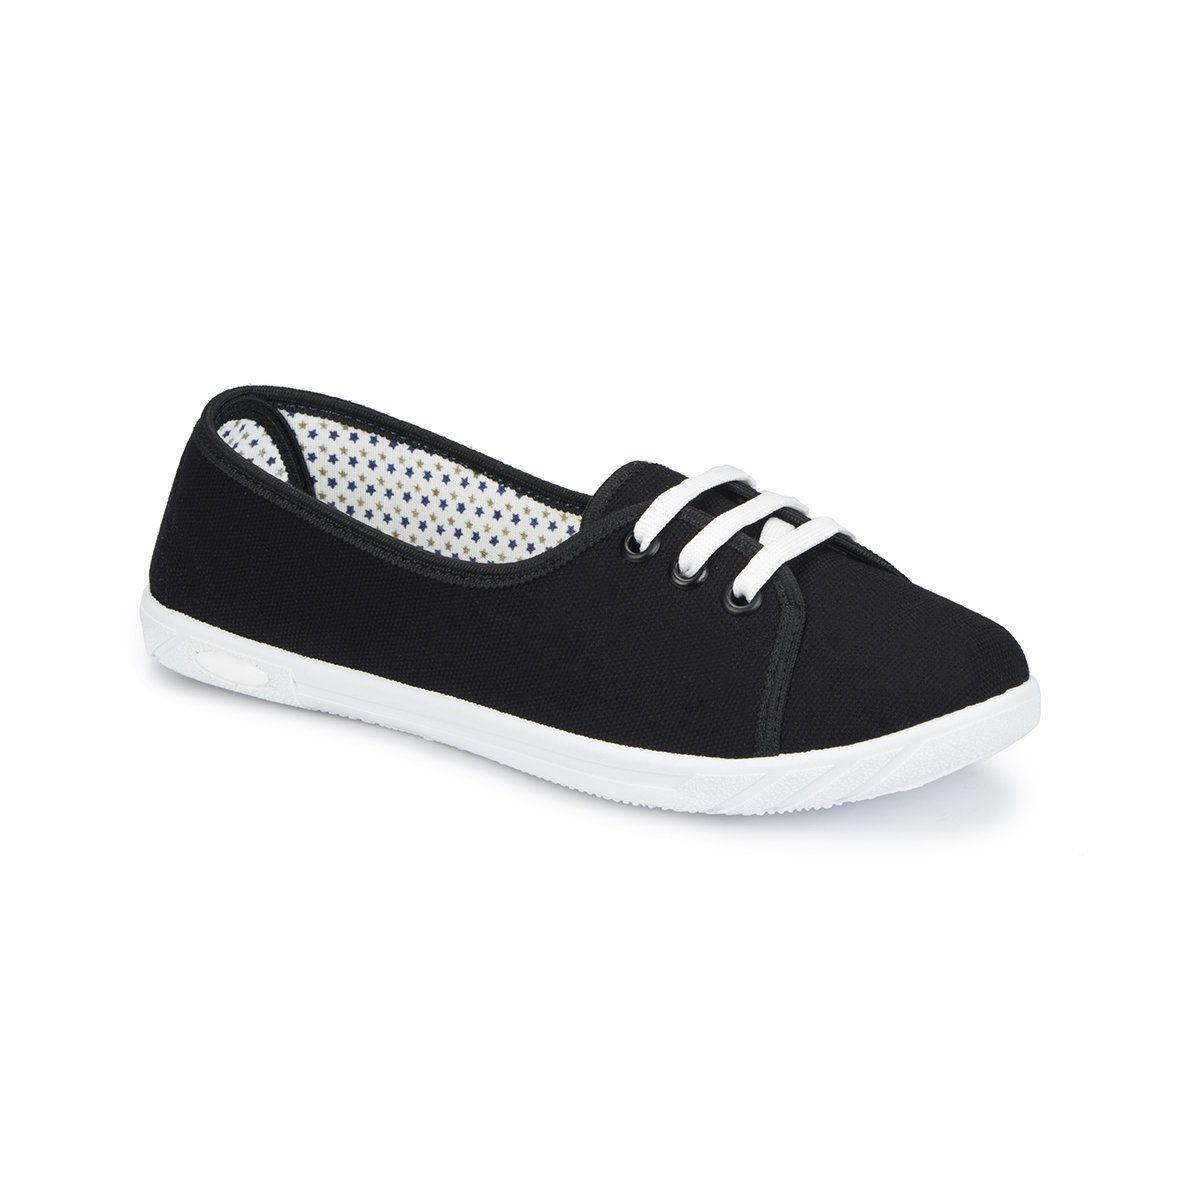 Polaris 81 311591 Z Siyah Kadin Babet Big 1 Babetler Sneaker Ayakkabilar